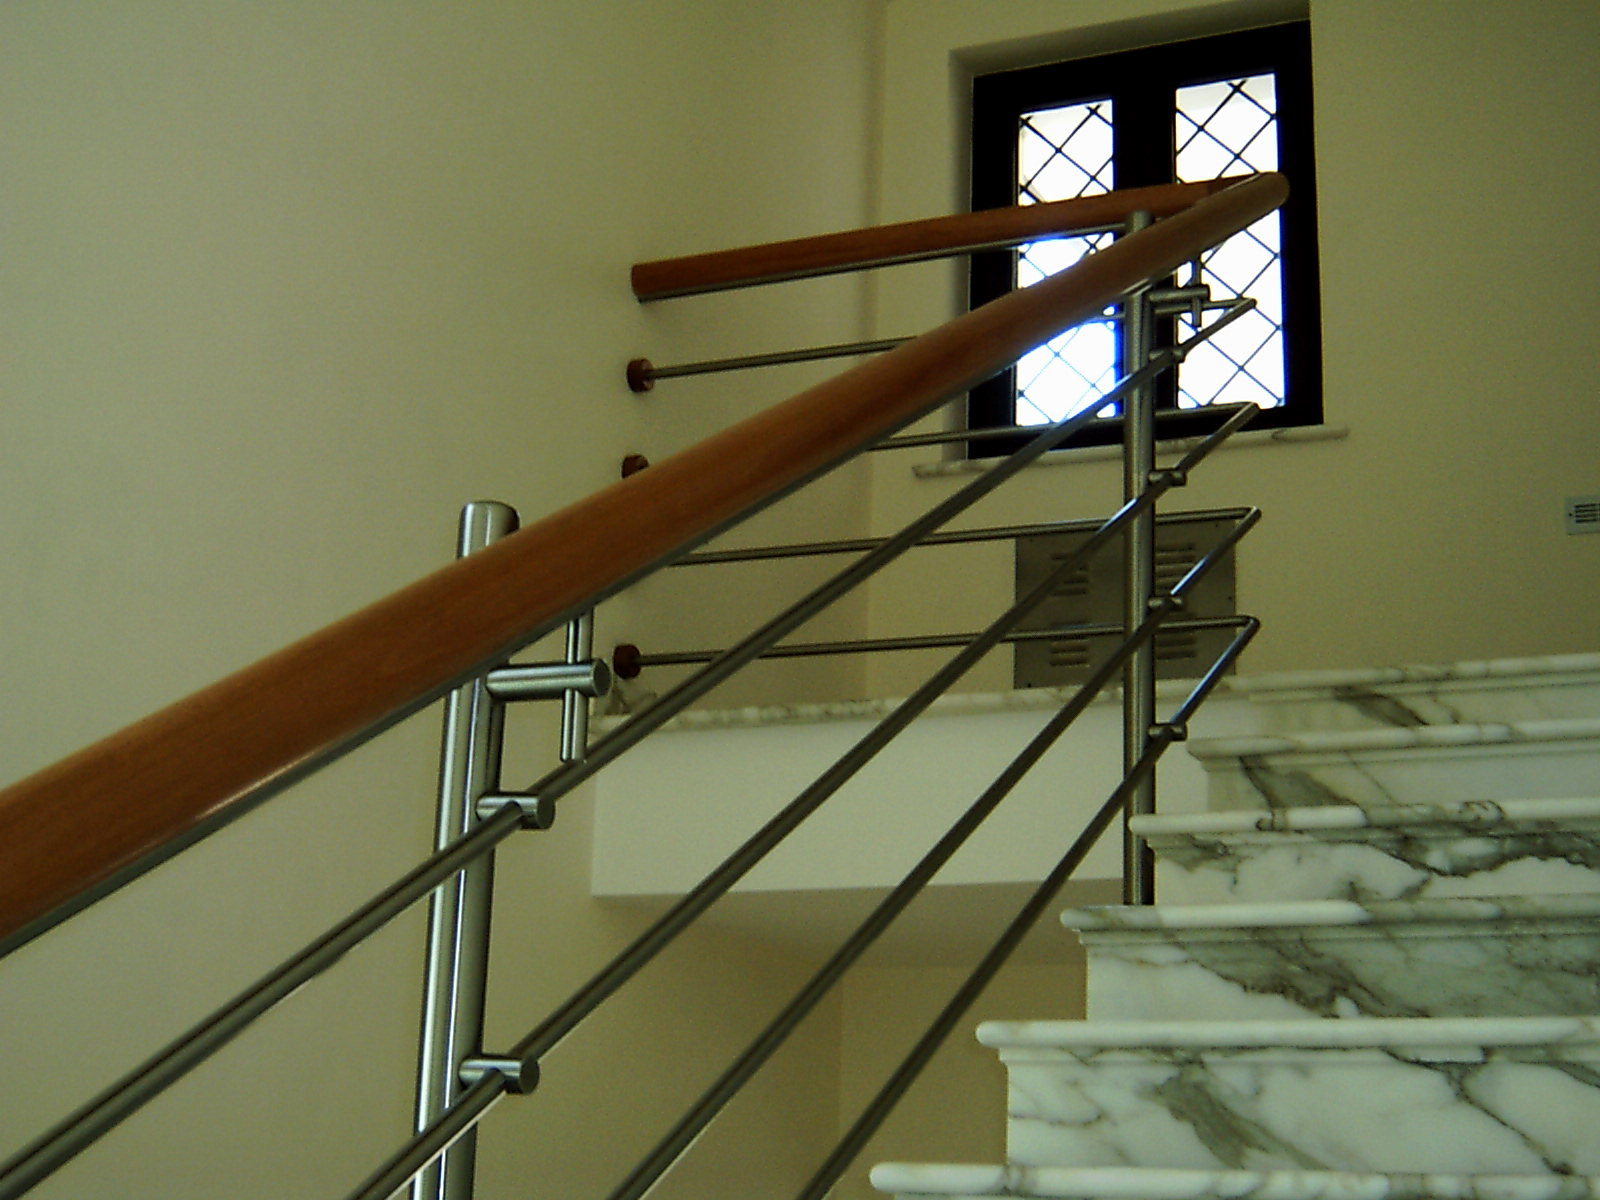 Ringhiera da interni in acciaio inox con corrimano in legno for Ringhiere usate